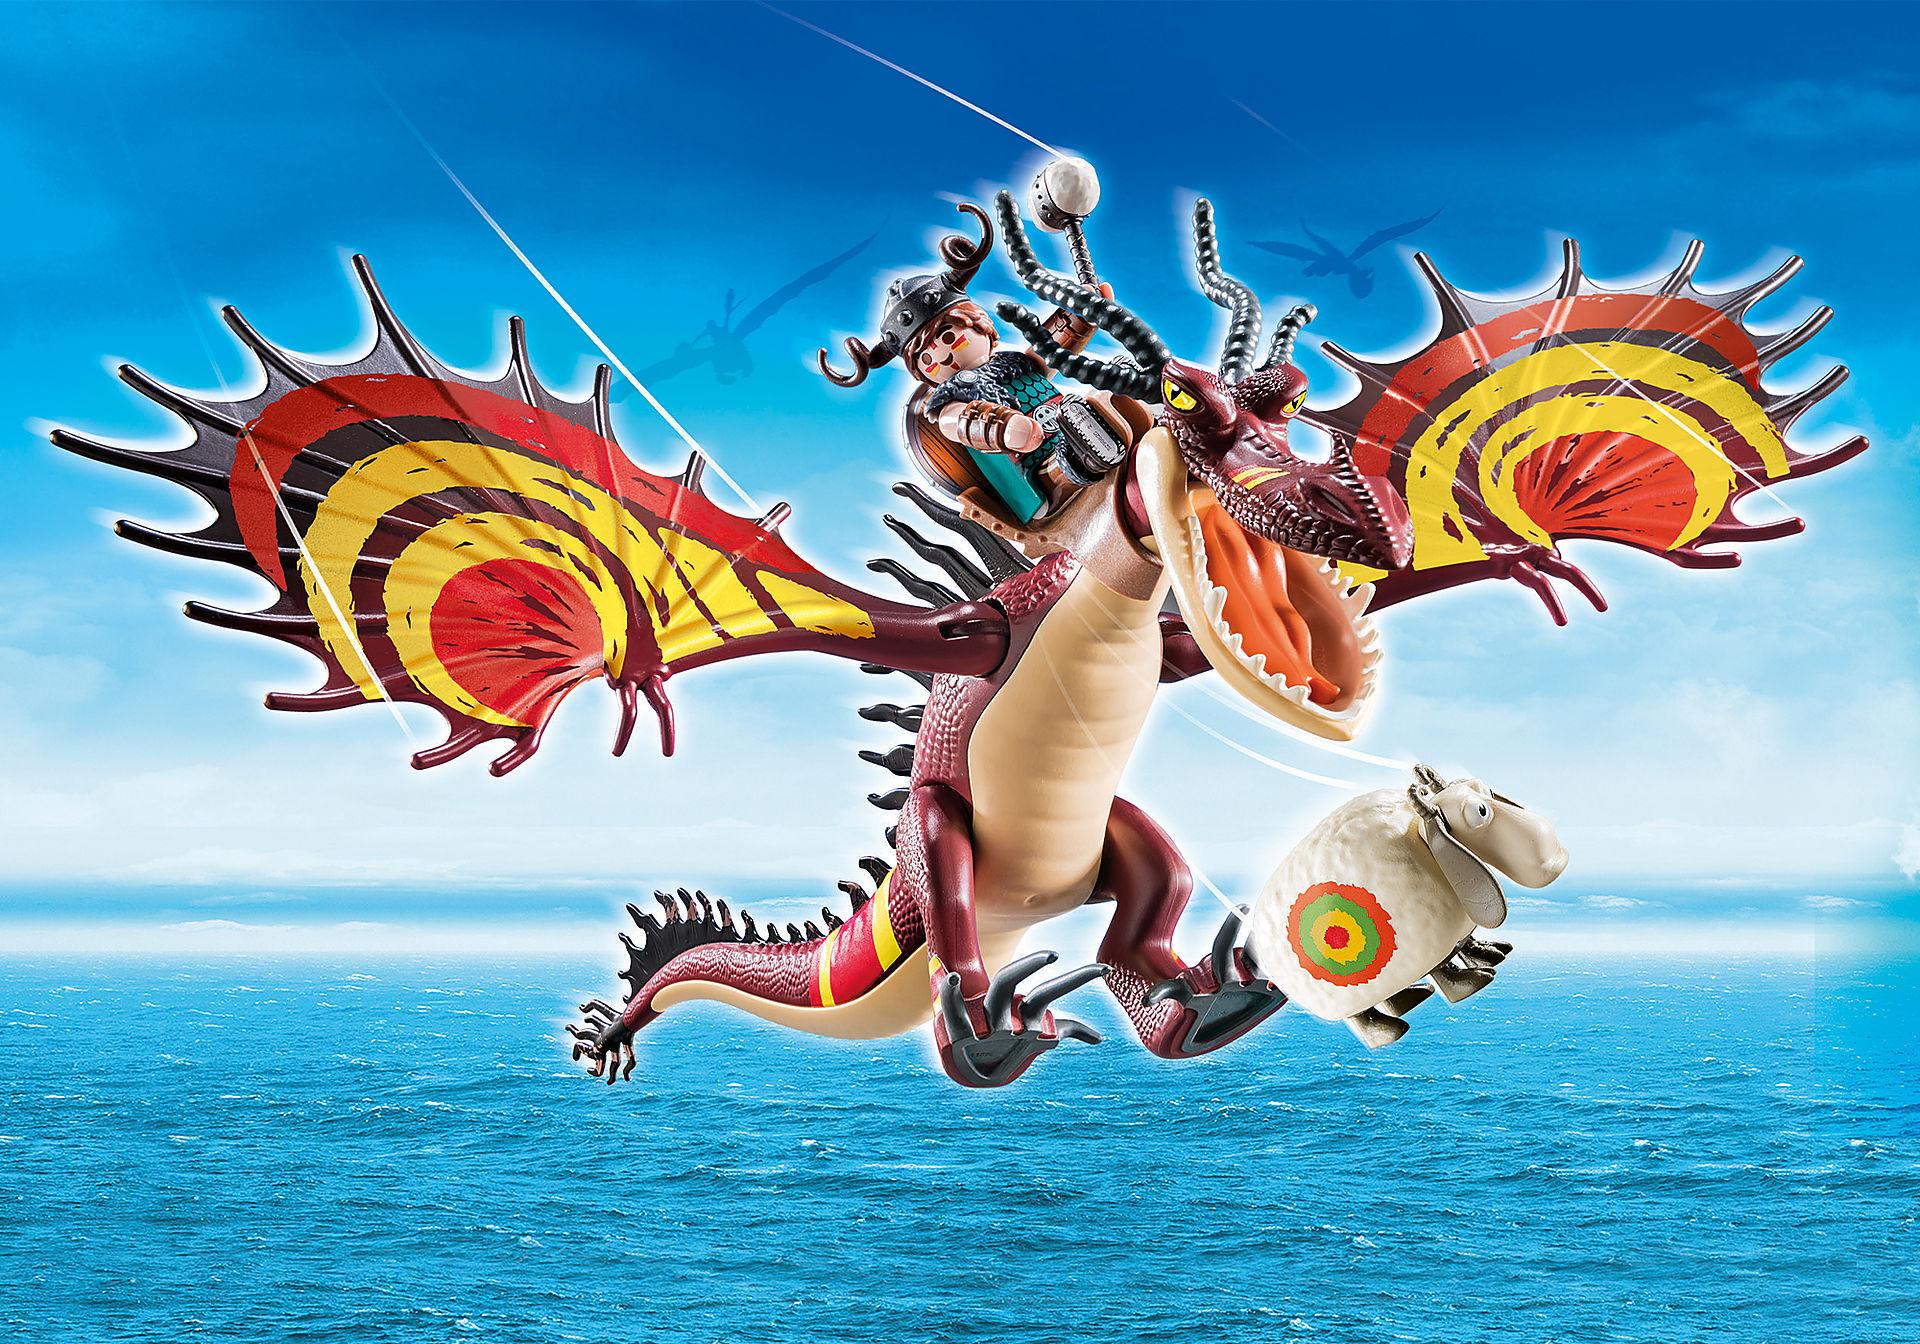 70731 Dragon Racing: Garfios y Patán Mocoso  zoom image1